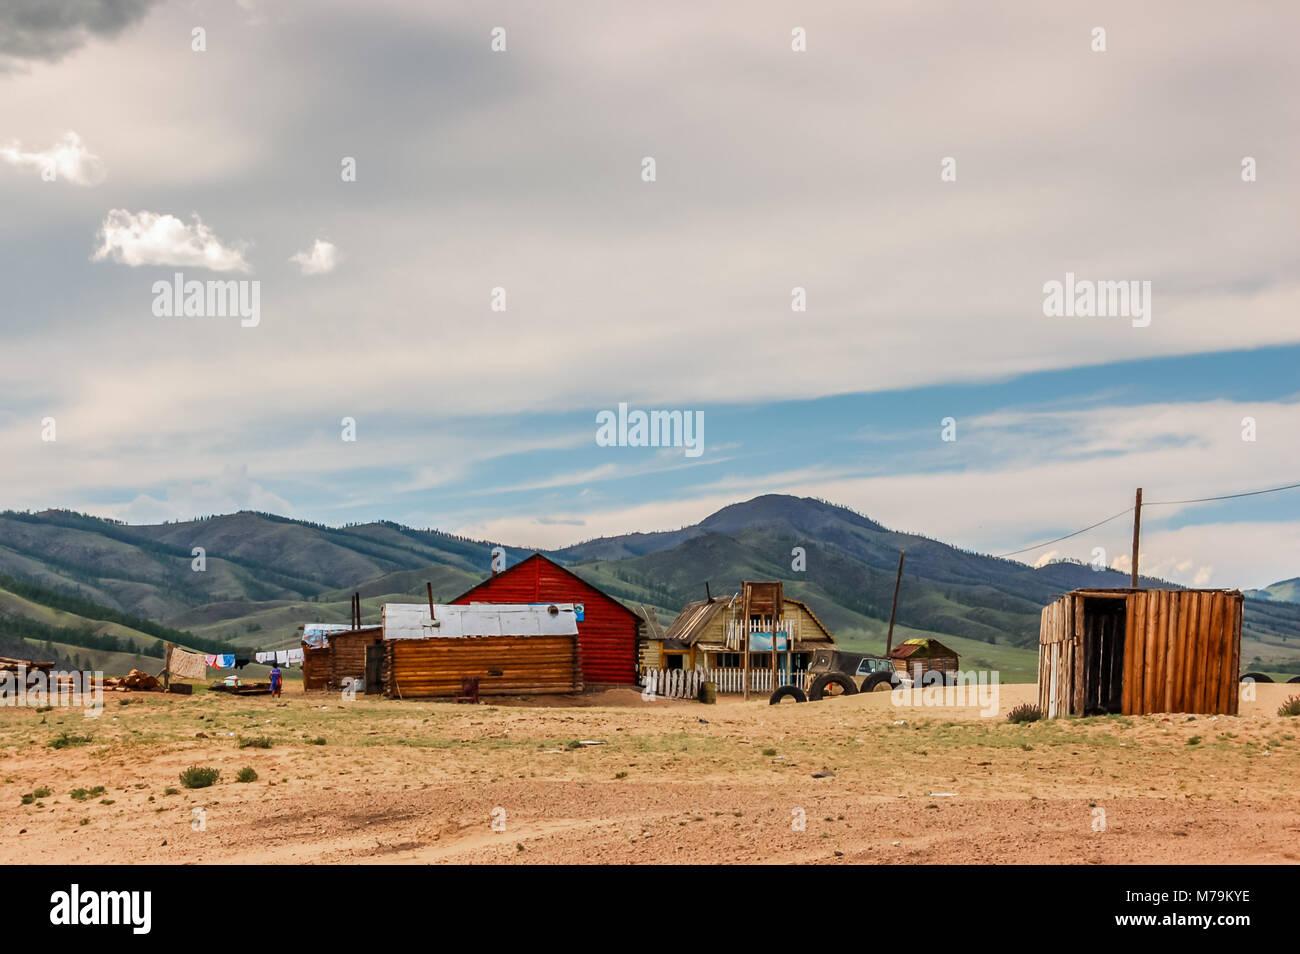 Khutag Ondor, Mongolia - Julio 17, 2010: grupo de casas aisladas, tiendas y retretes en extensión de arena de estepa Foto de stock